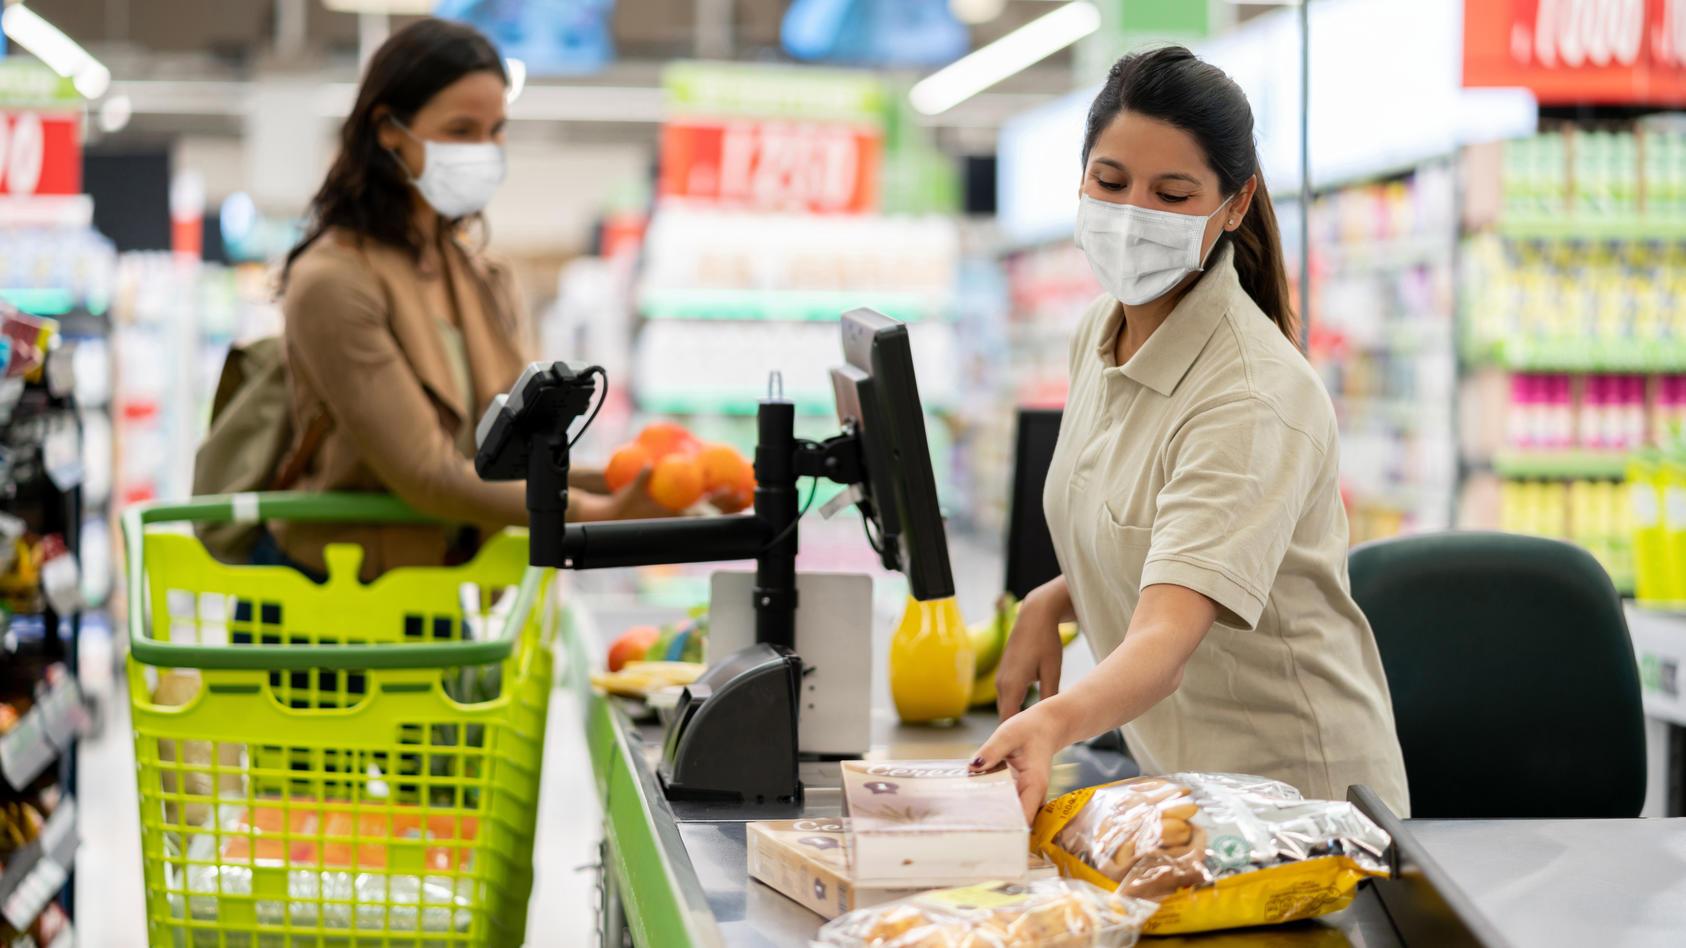 Wie hoch ist das Ansteckungsrisiko in Supermärkten wirklich?